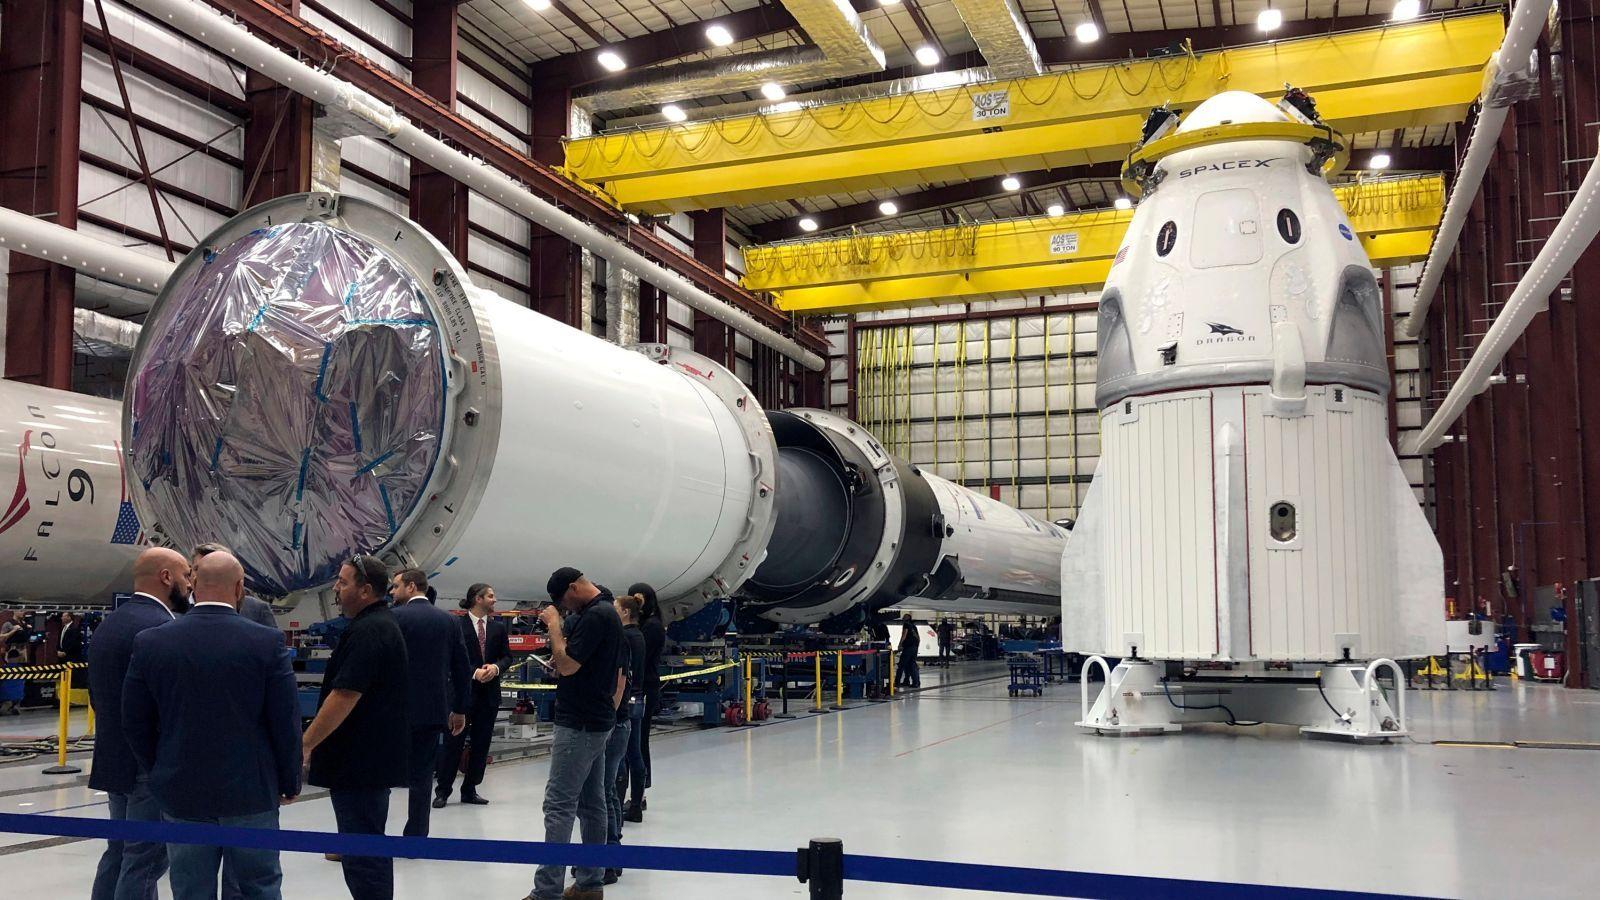 SpaceX впервые запустила пилотируемый корабль Dragon 2 (видео).Вокруг Света. Украина